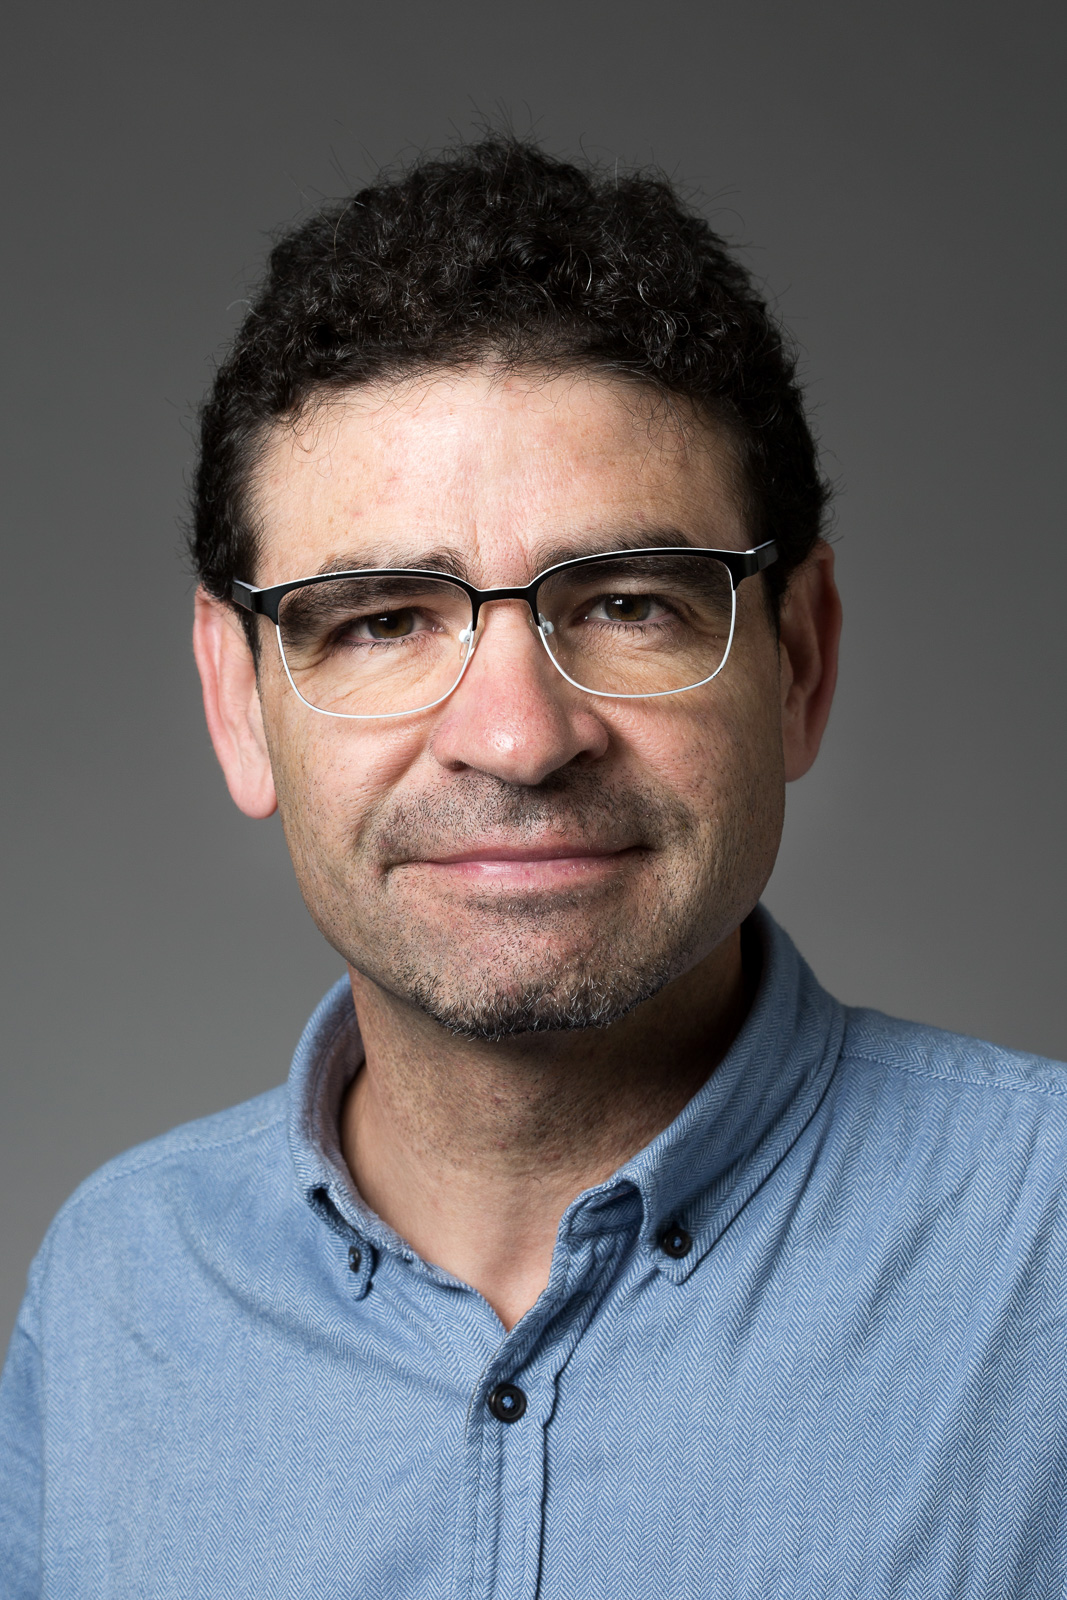 Jose Luis Escalona Franco